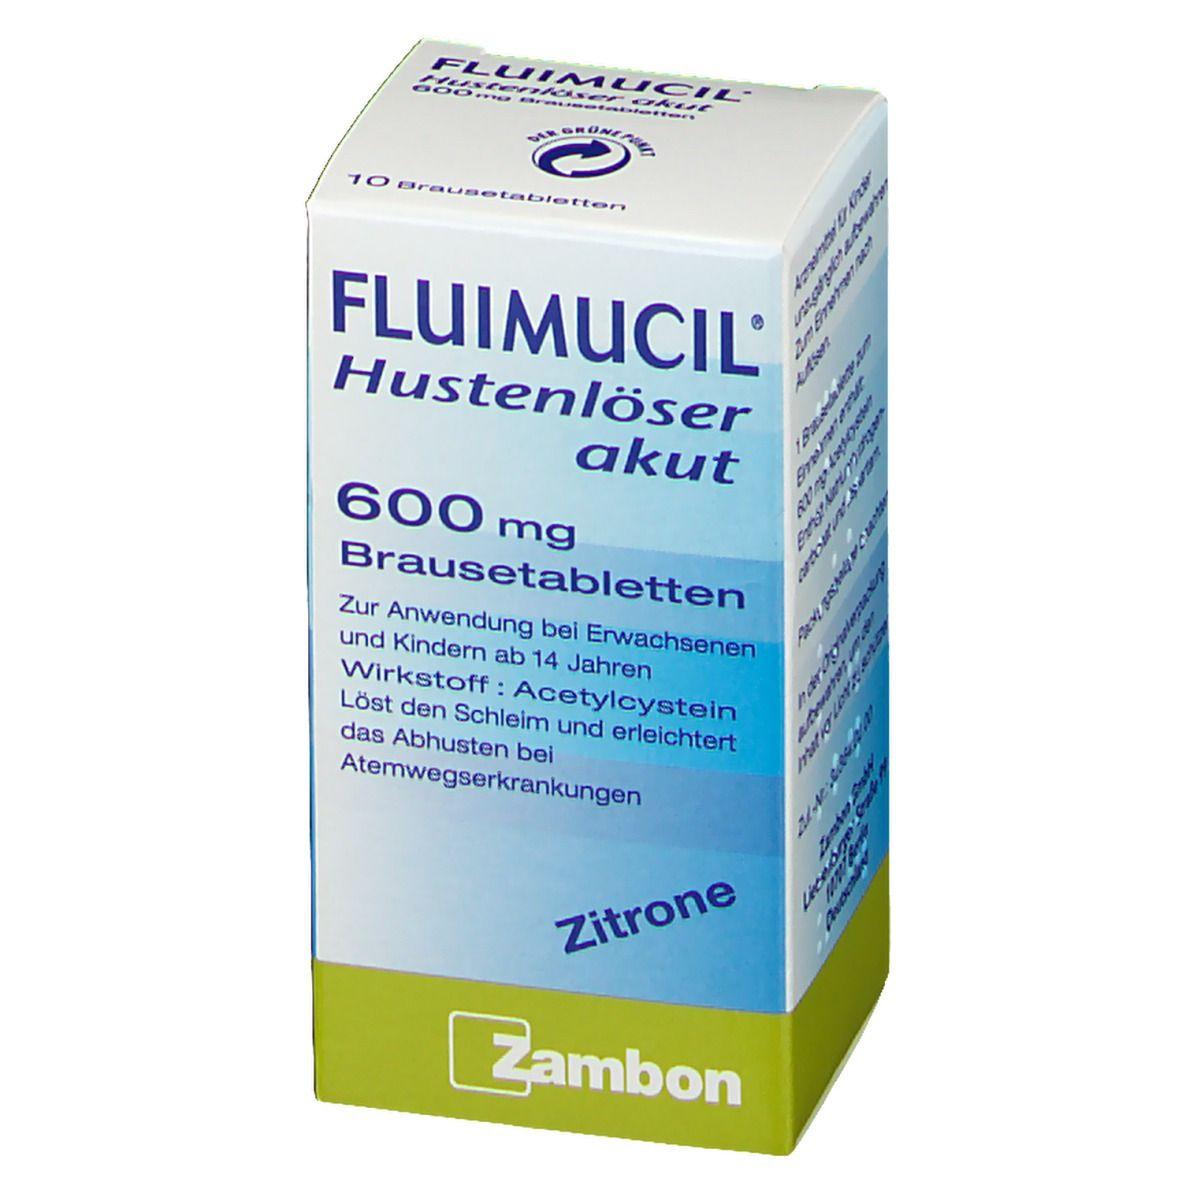 FLUIMUCIL® Hustenlöser akut 600 Brausetabletten